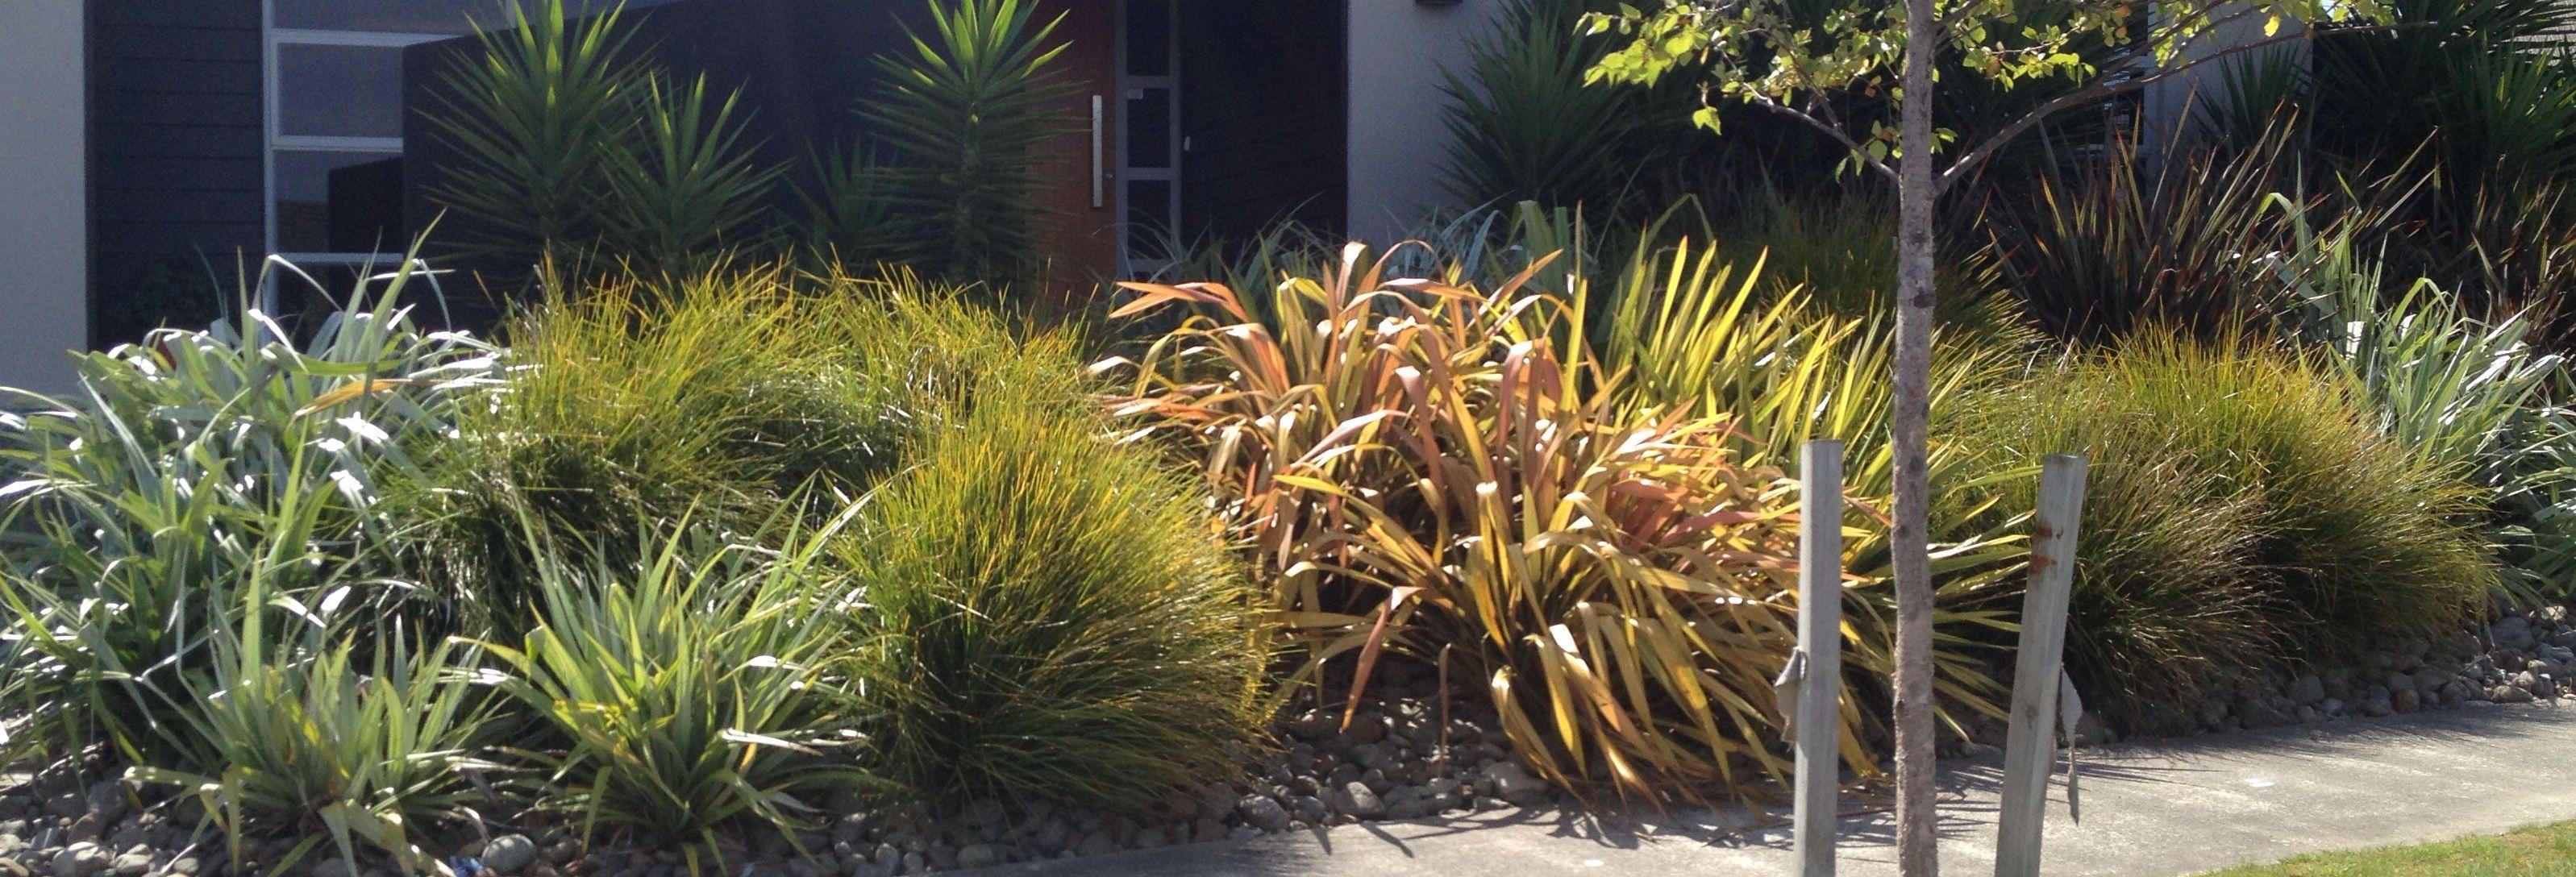 Native Nz frontage garden | Garden landscape design ...